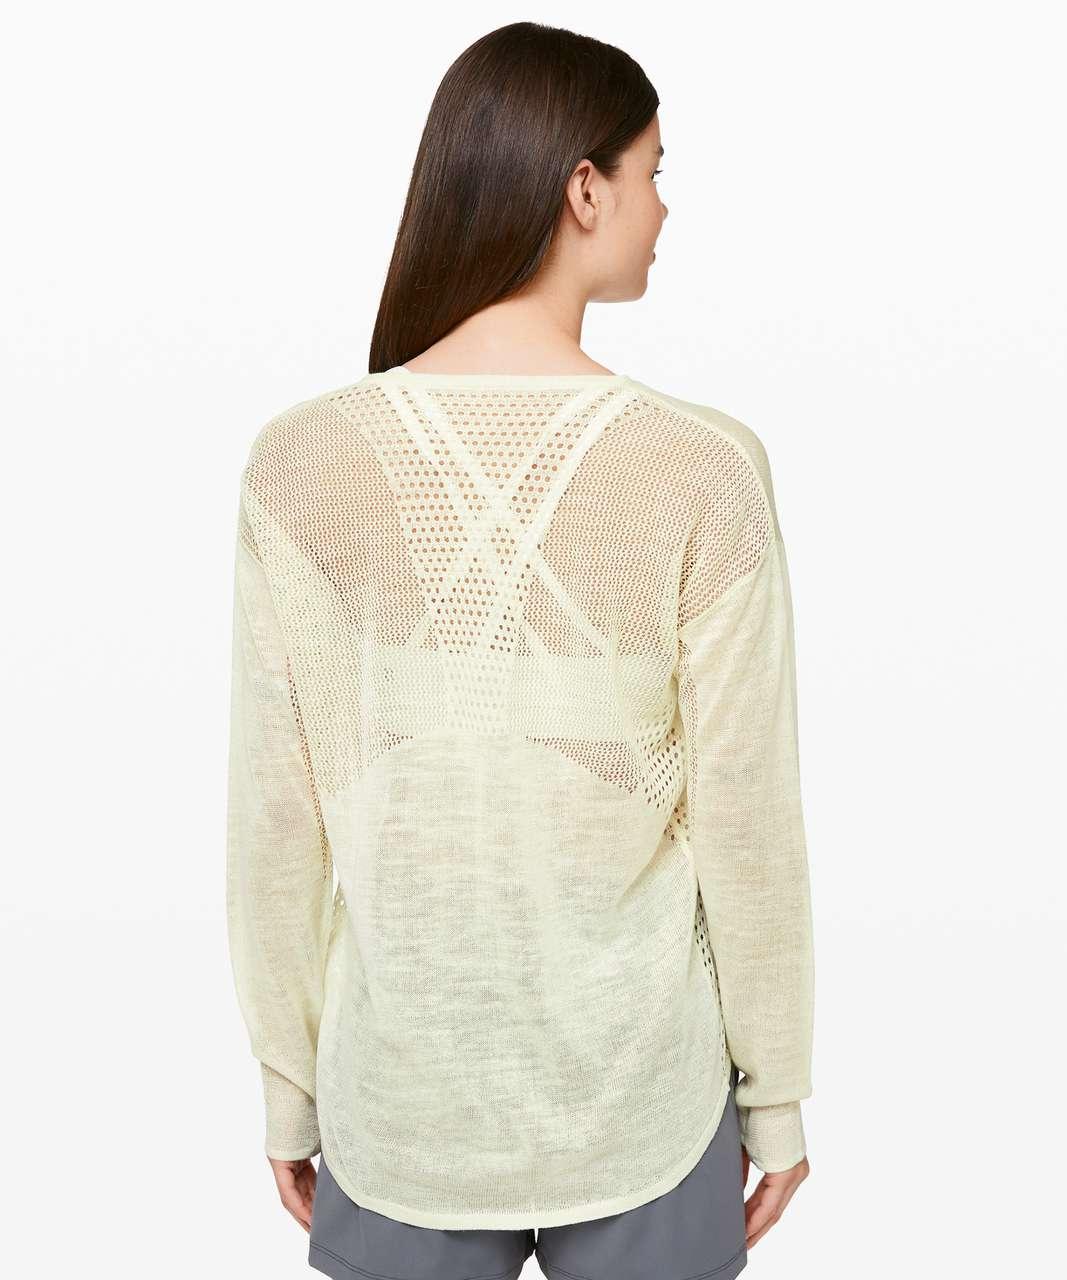 Lululemon Still Movement Sweater *Linen - Elixir